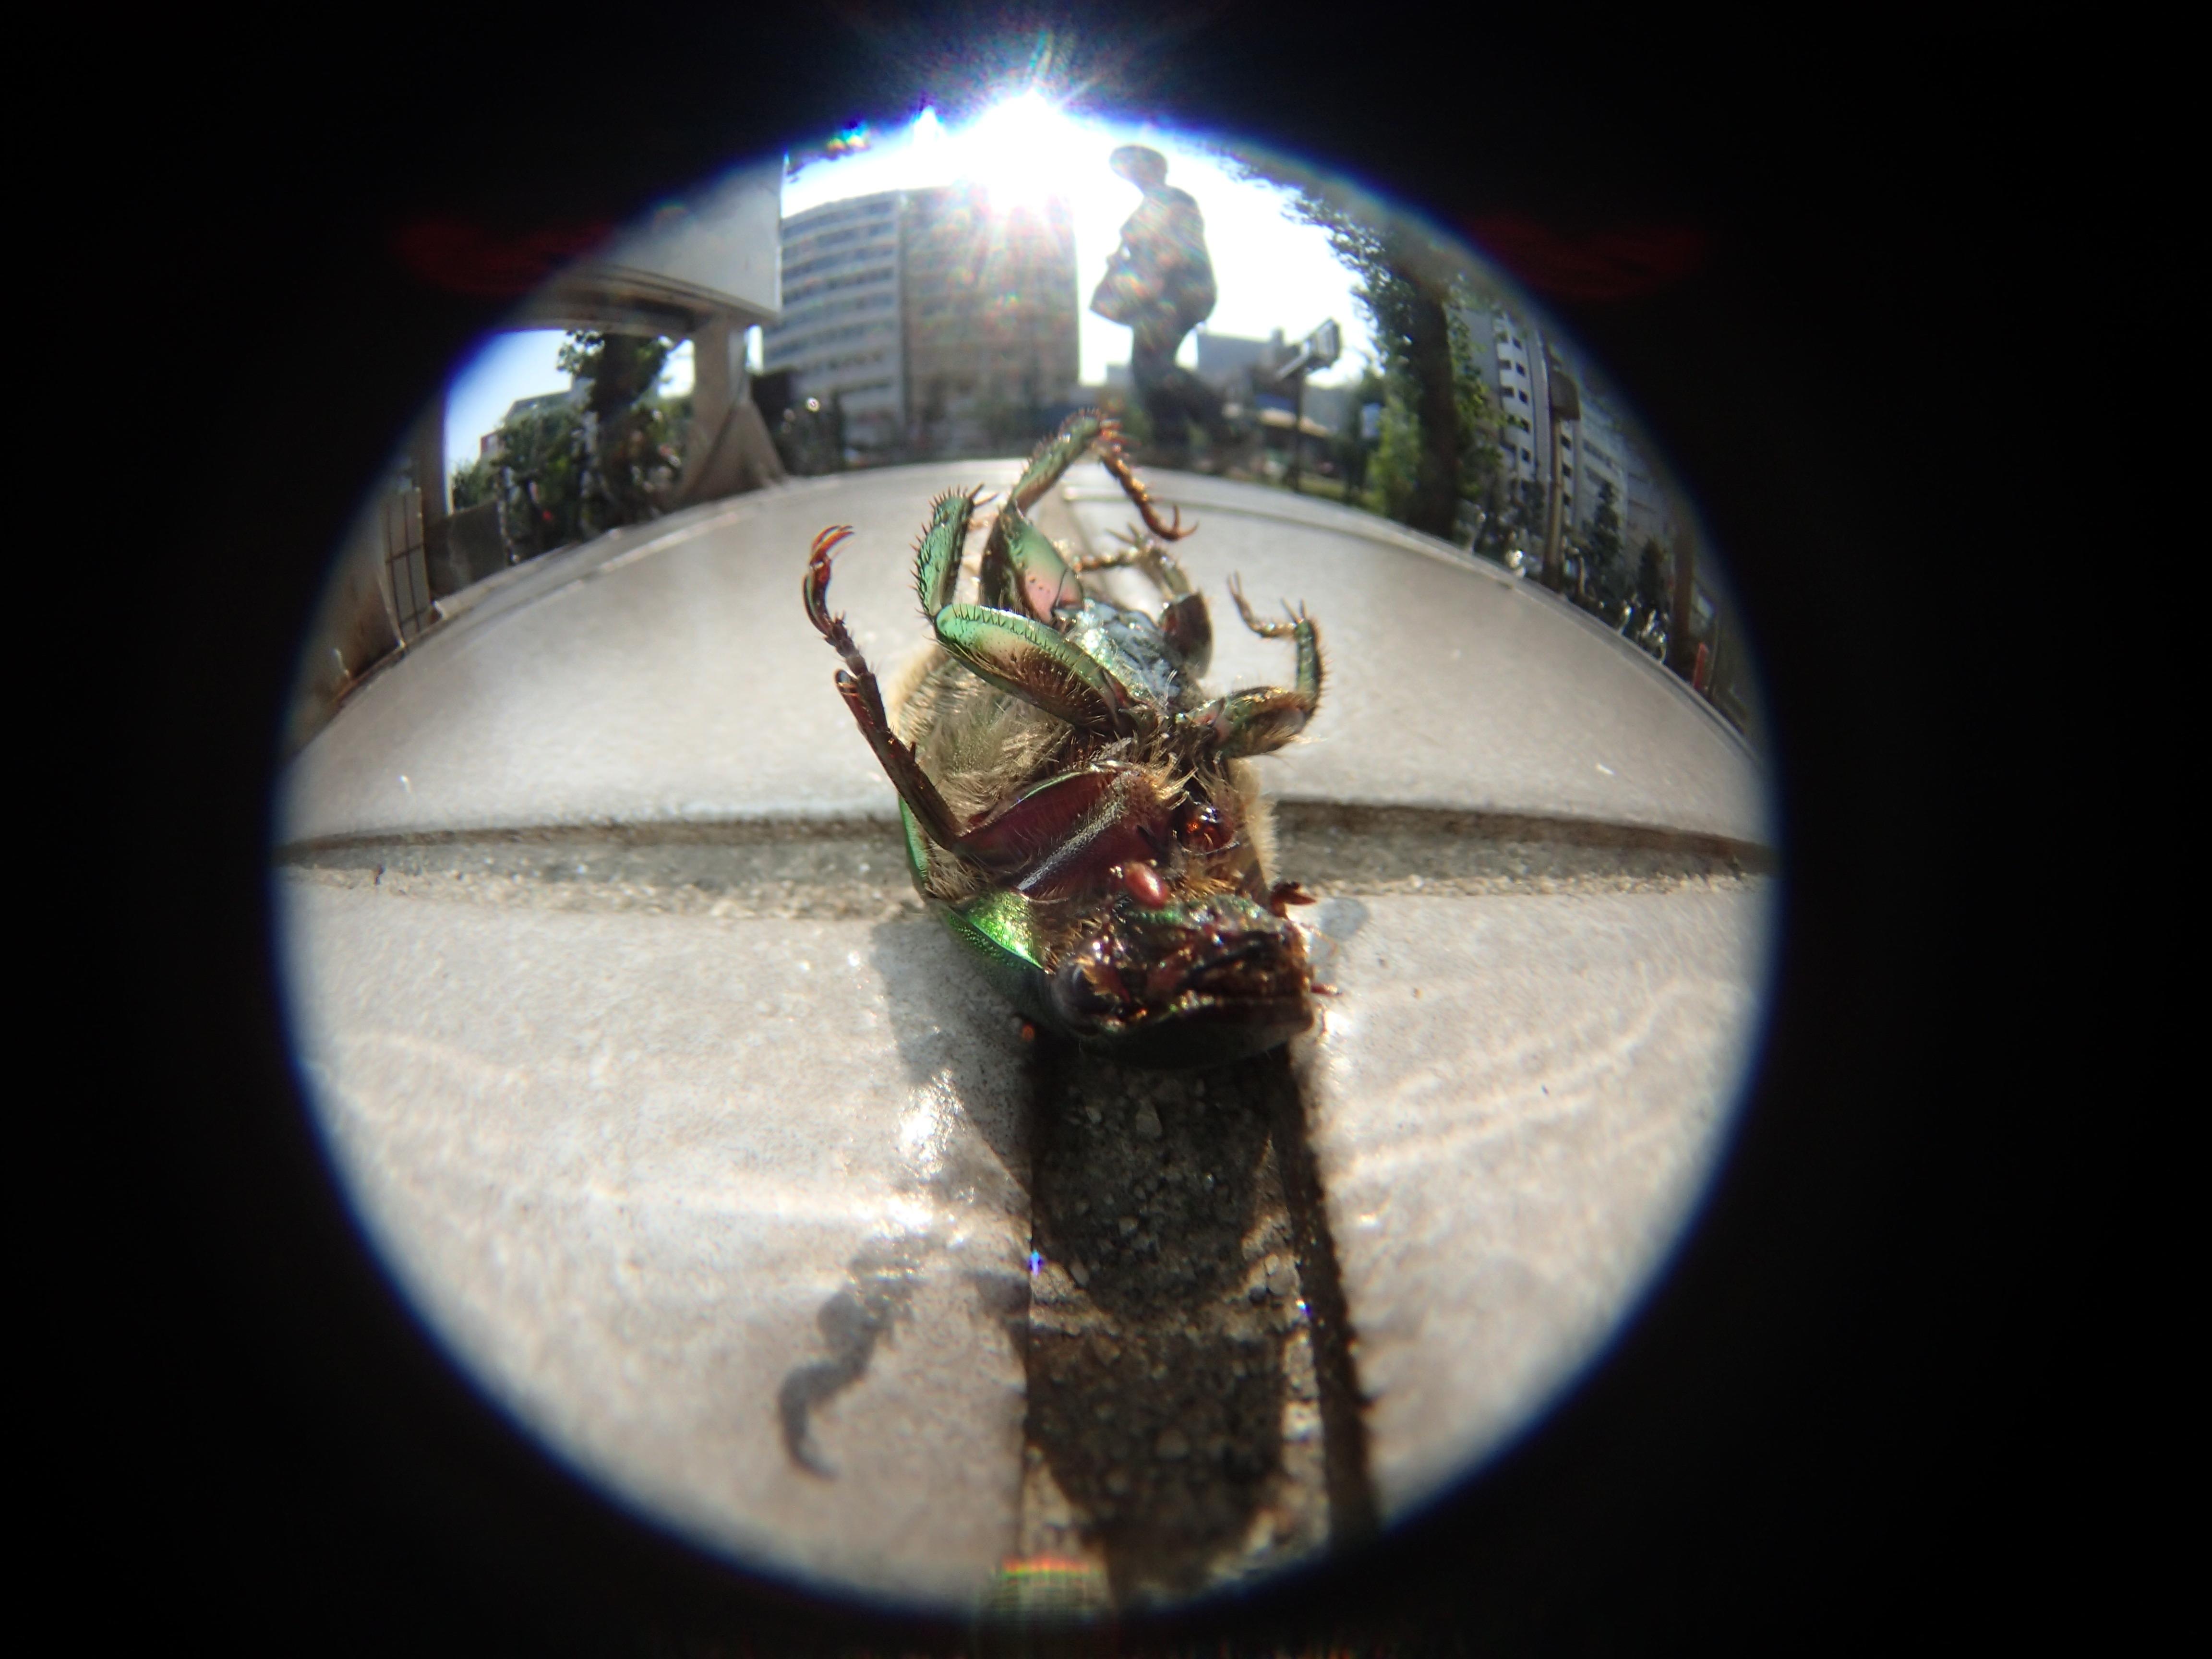 """コガネムシが新宿の路上でひっくり返って死んでいた。都会の暑さは昆虫たちにとっても過酷のようだ。""""生""""があれば""""死""""があって当然だが、現代社会において後者は表面から隠されている"""